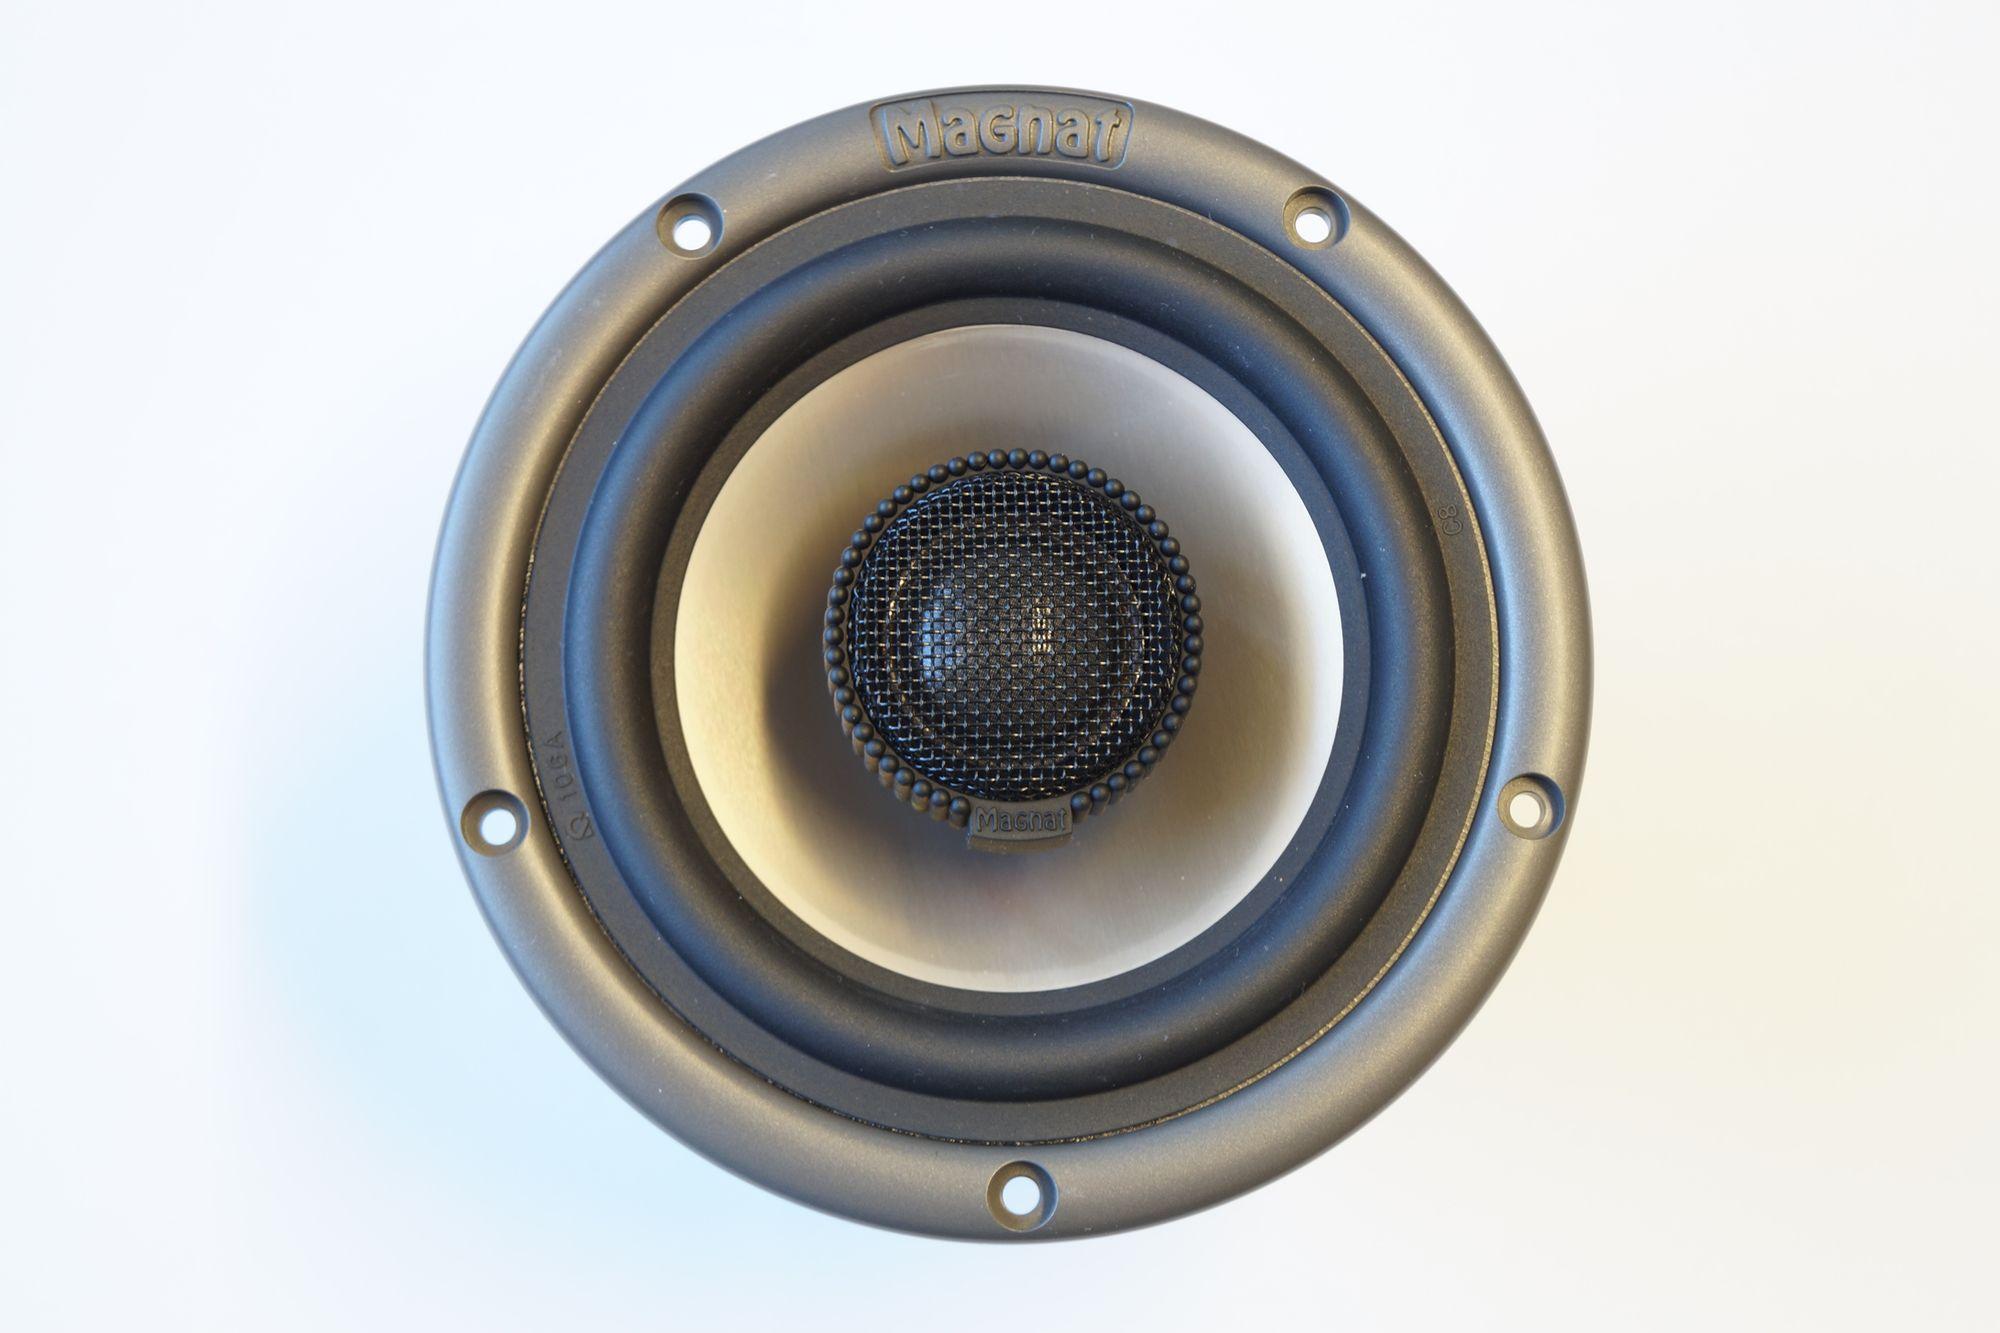 1 Stück 135 mm 2-Wege Koax Magnat MCO ABS 135 AL 485 S 150 Watt max., NEU